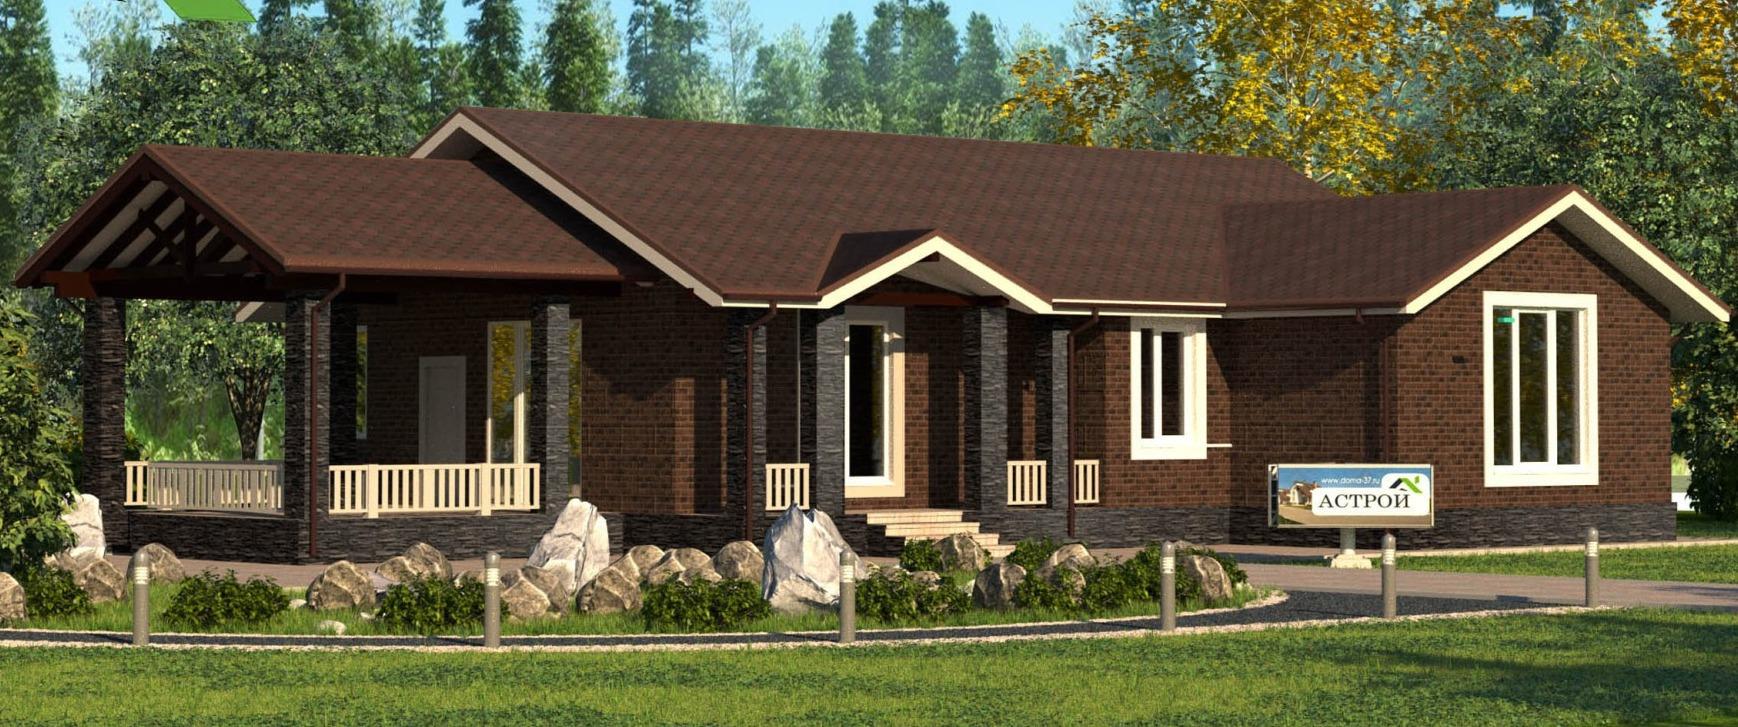 Проекты домов проекты одноэтажных домов Астрой